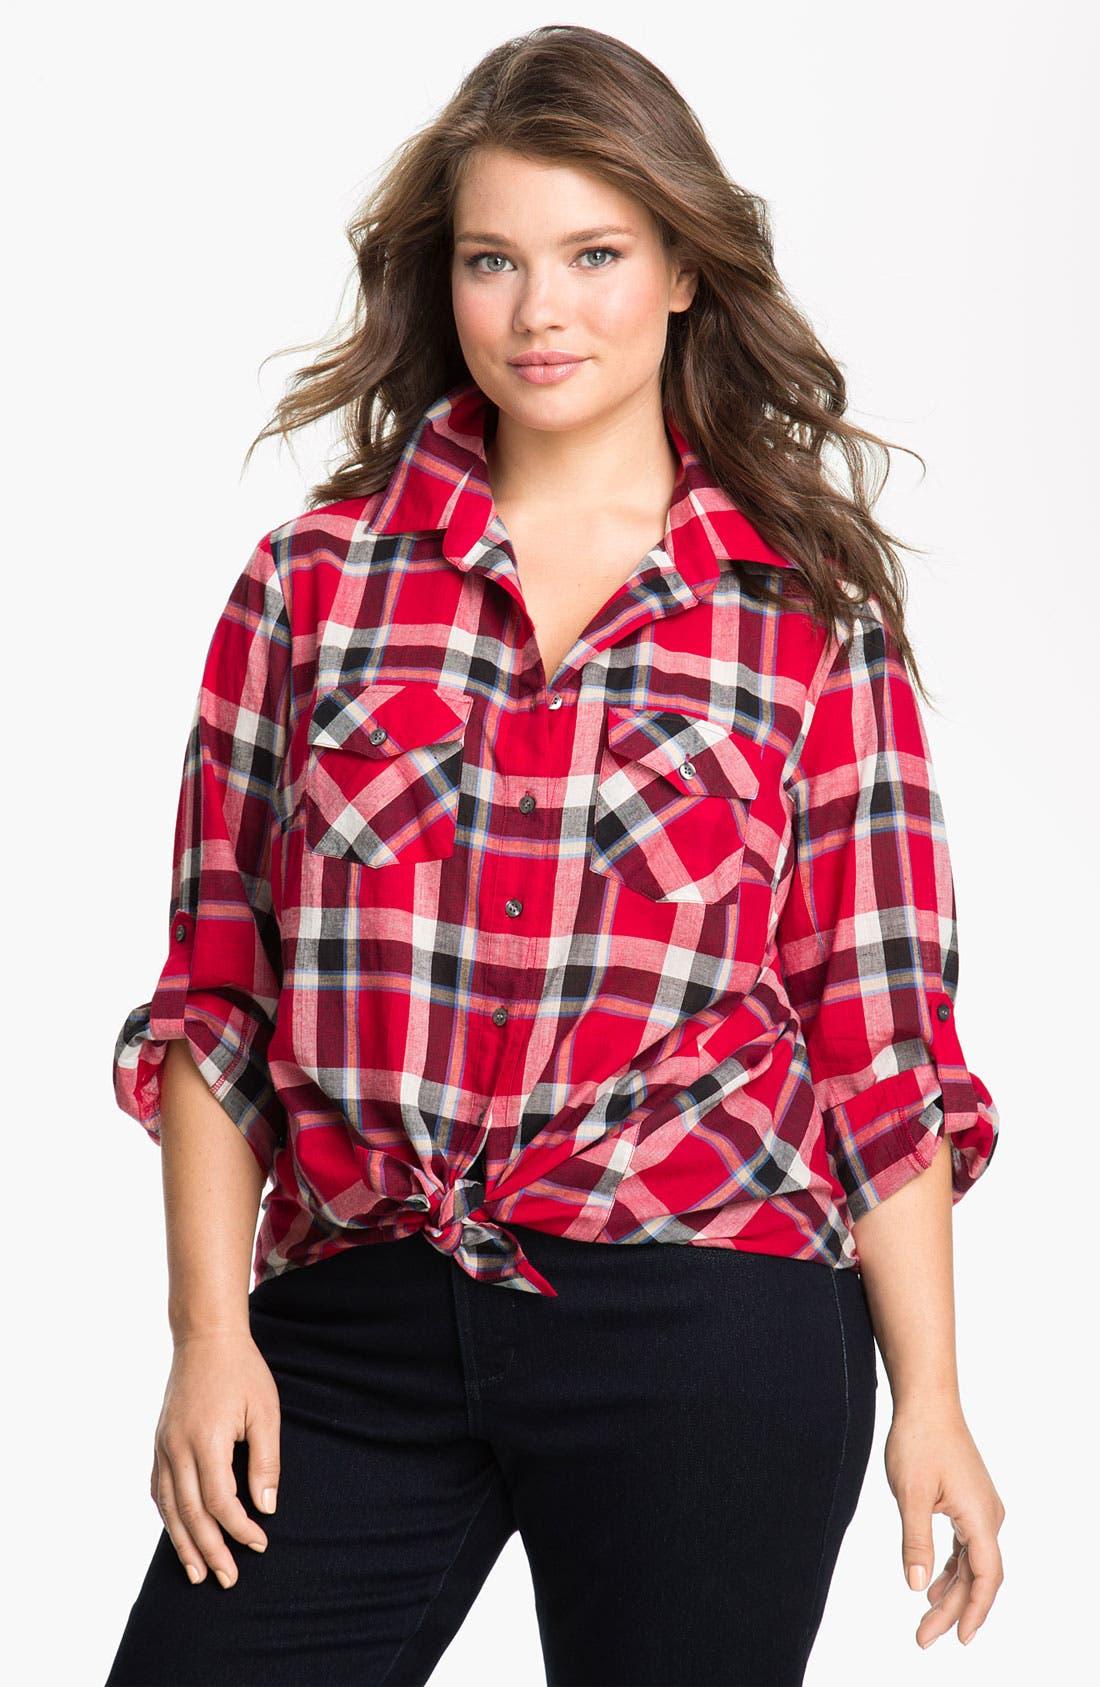 Alternate Image 1 Selected - Sandra Ingrish Roll Sleeve Plaid Shirt (Plus)